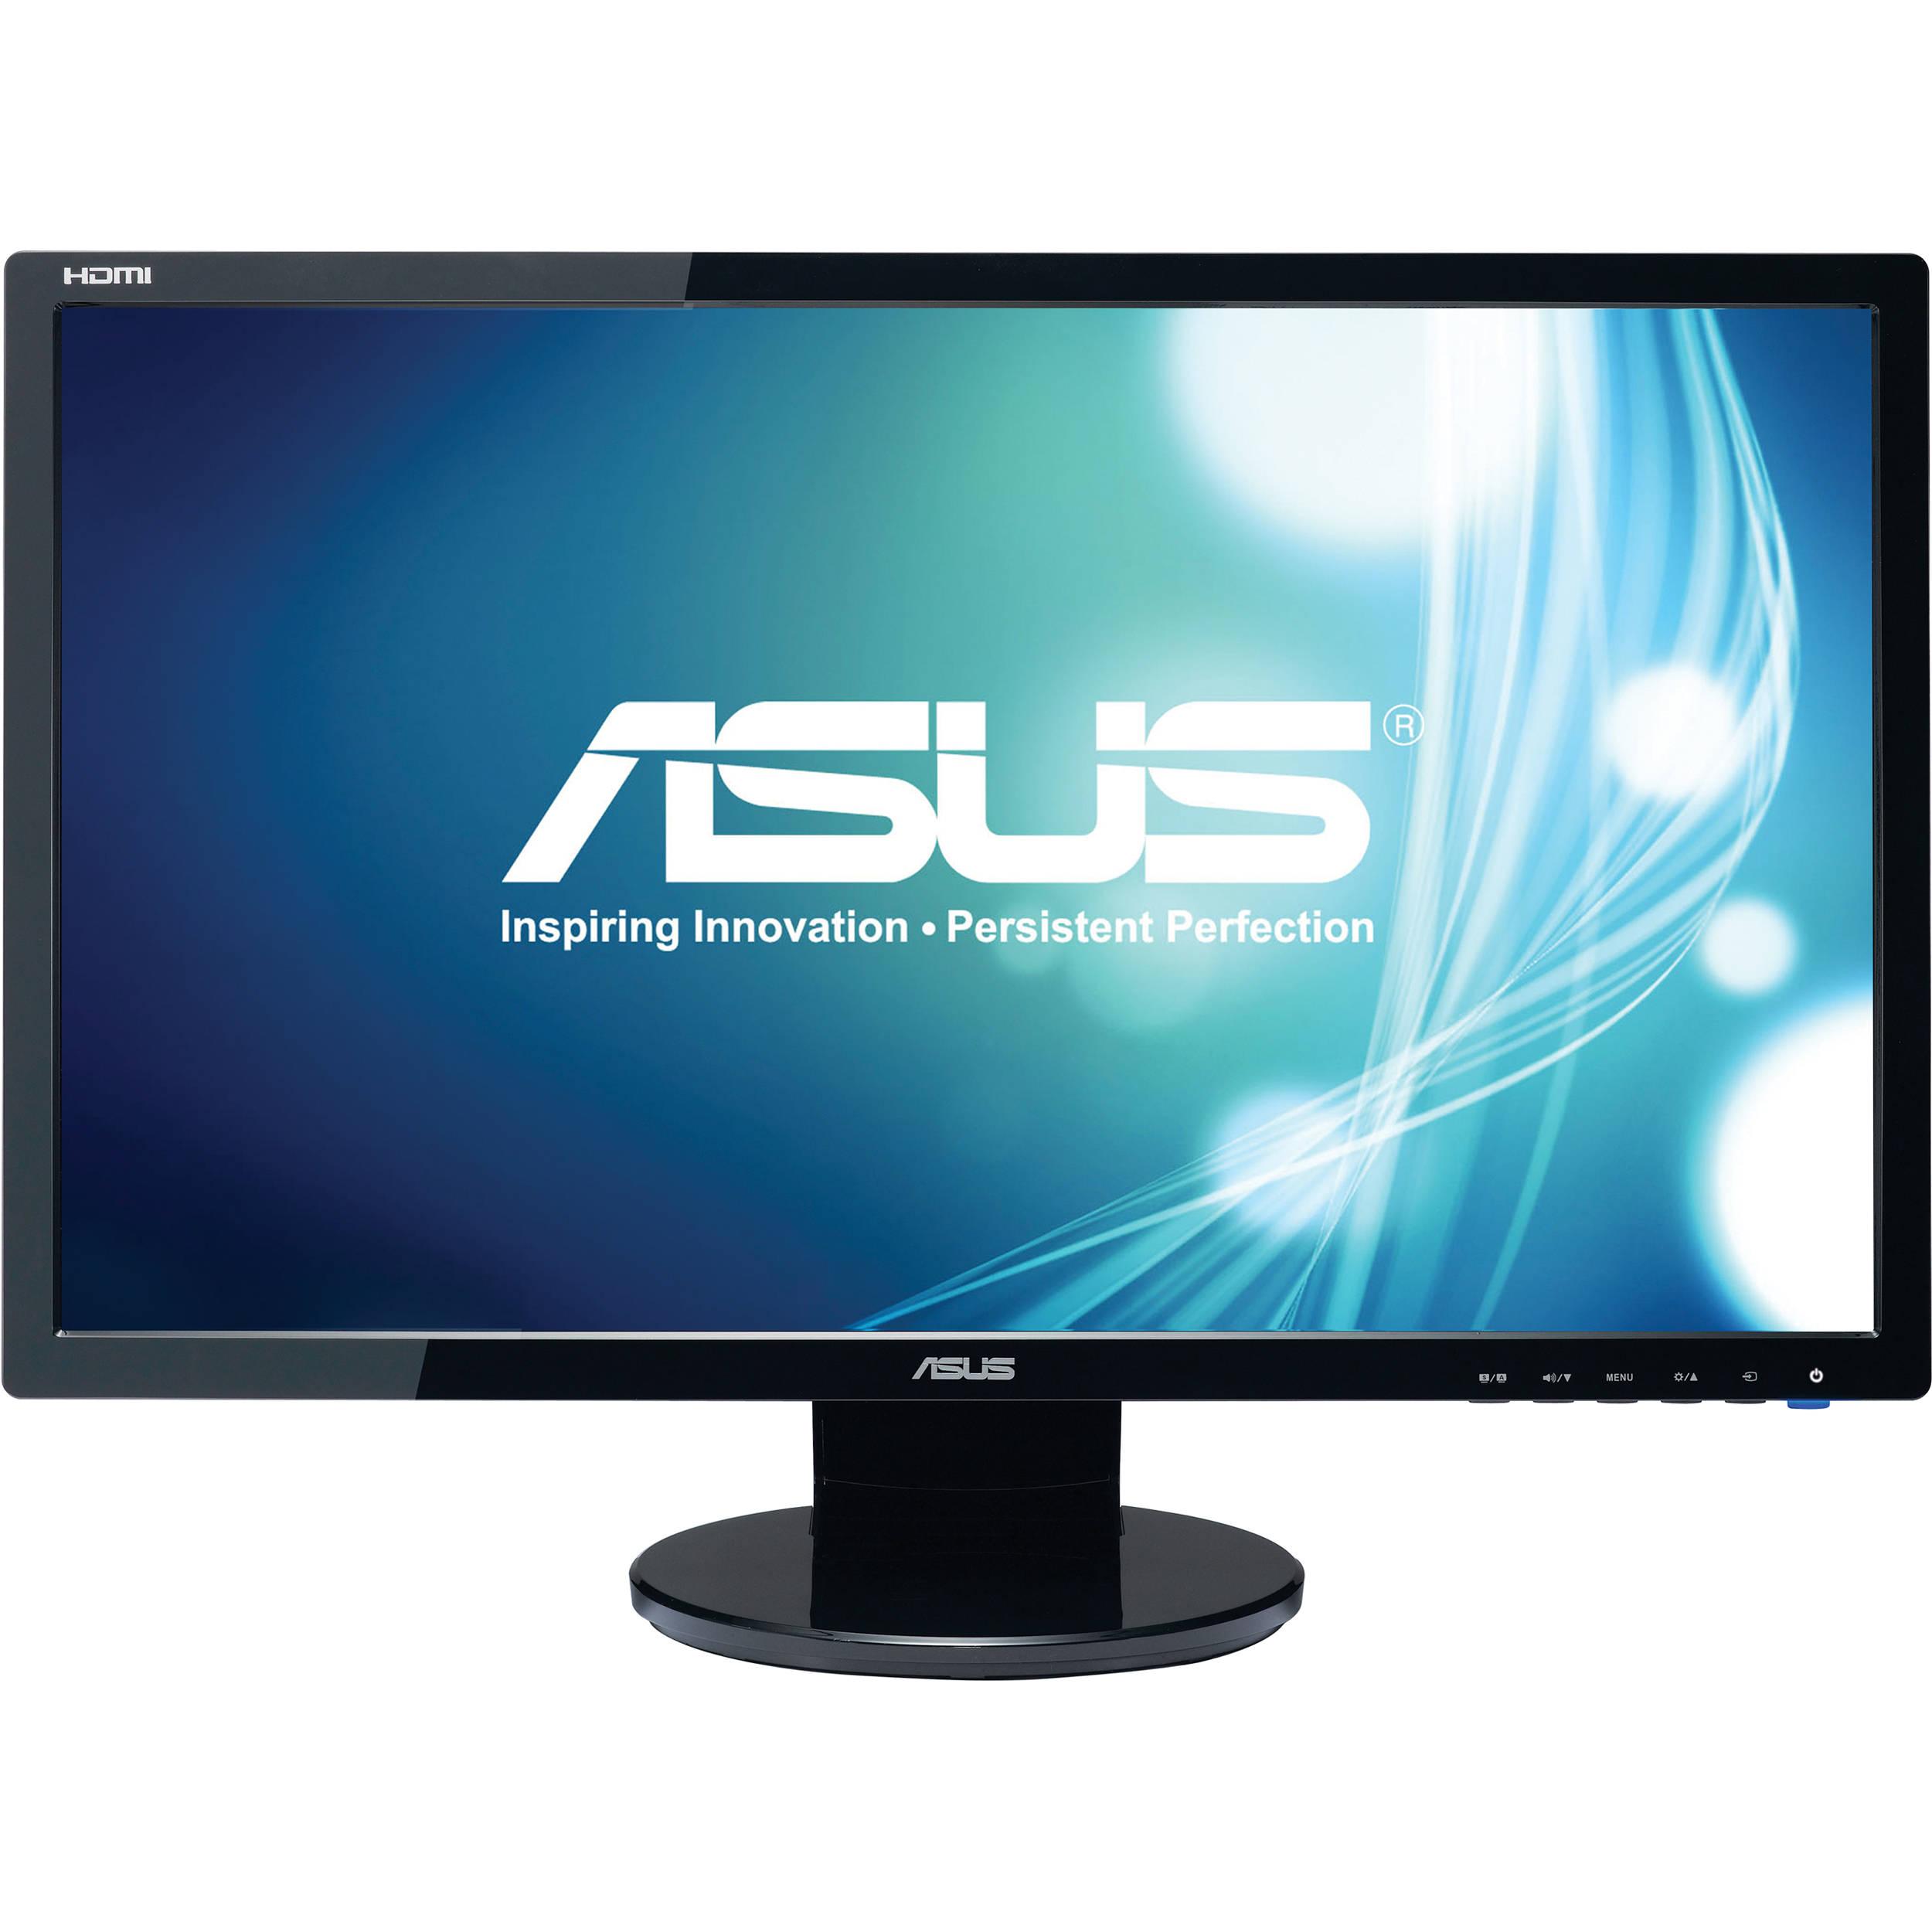 lcd computer monitor - photo #28